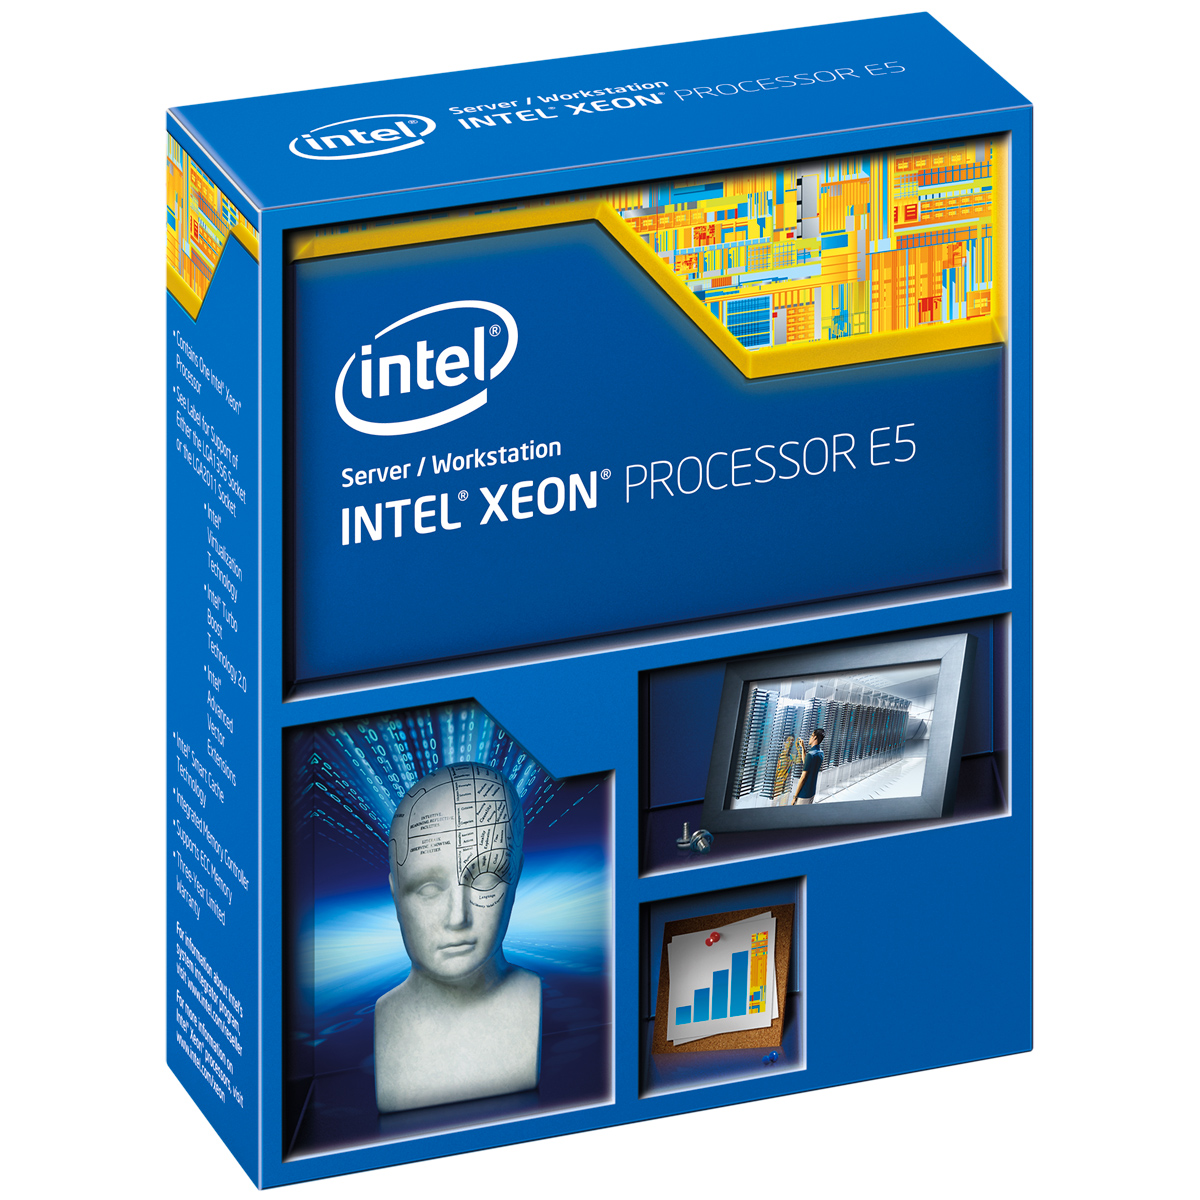 Processeur Intel Xeon E5-2670 v3 (2.3 GHz) Processeur 12-Core Socket 2011-3 DMI 5GT/s Cache 30 Mo 0.022 micron (version boîte/sans ventilateur - garantie Intel 3 ans)